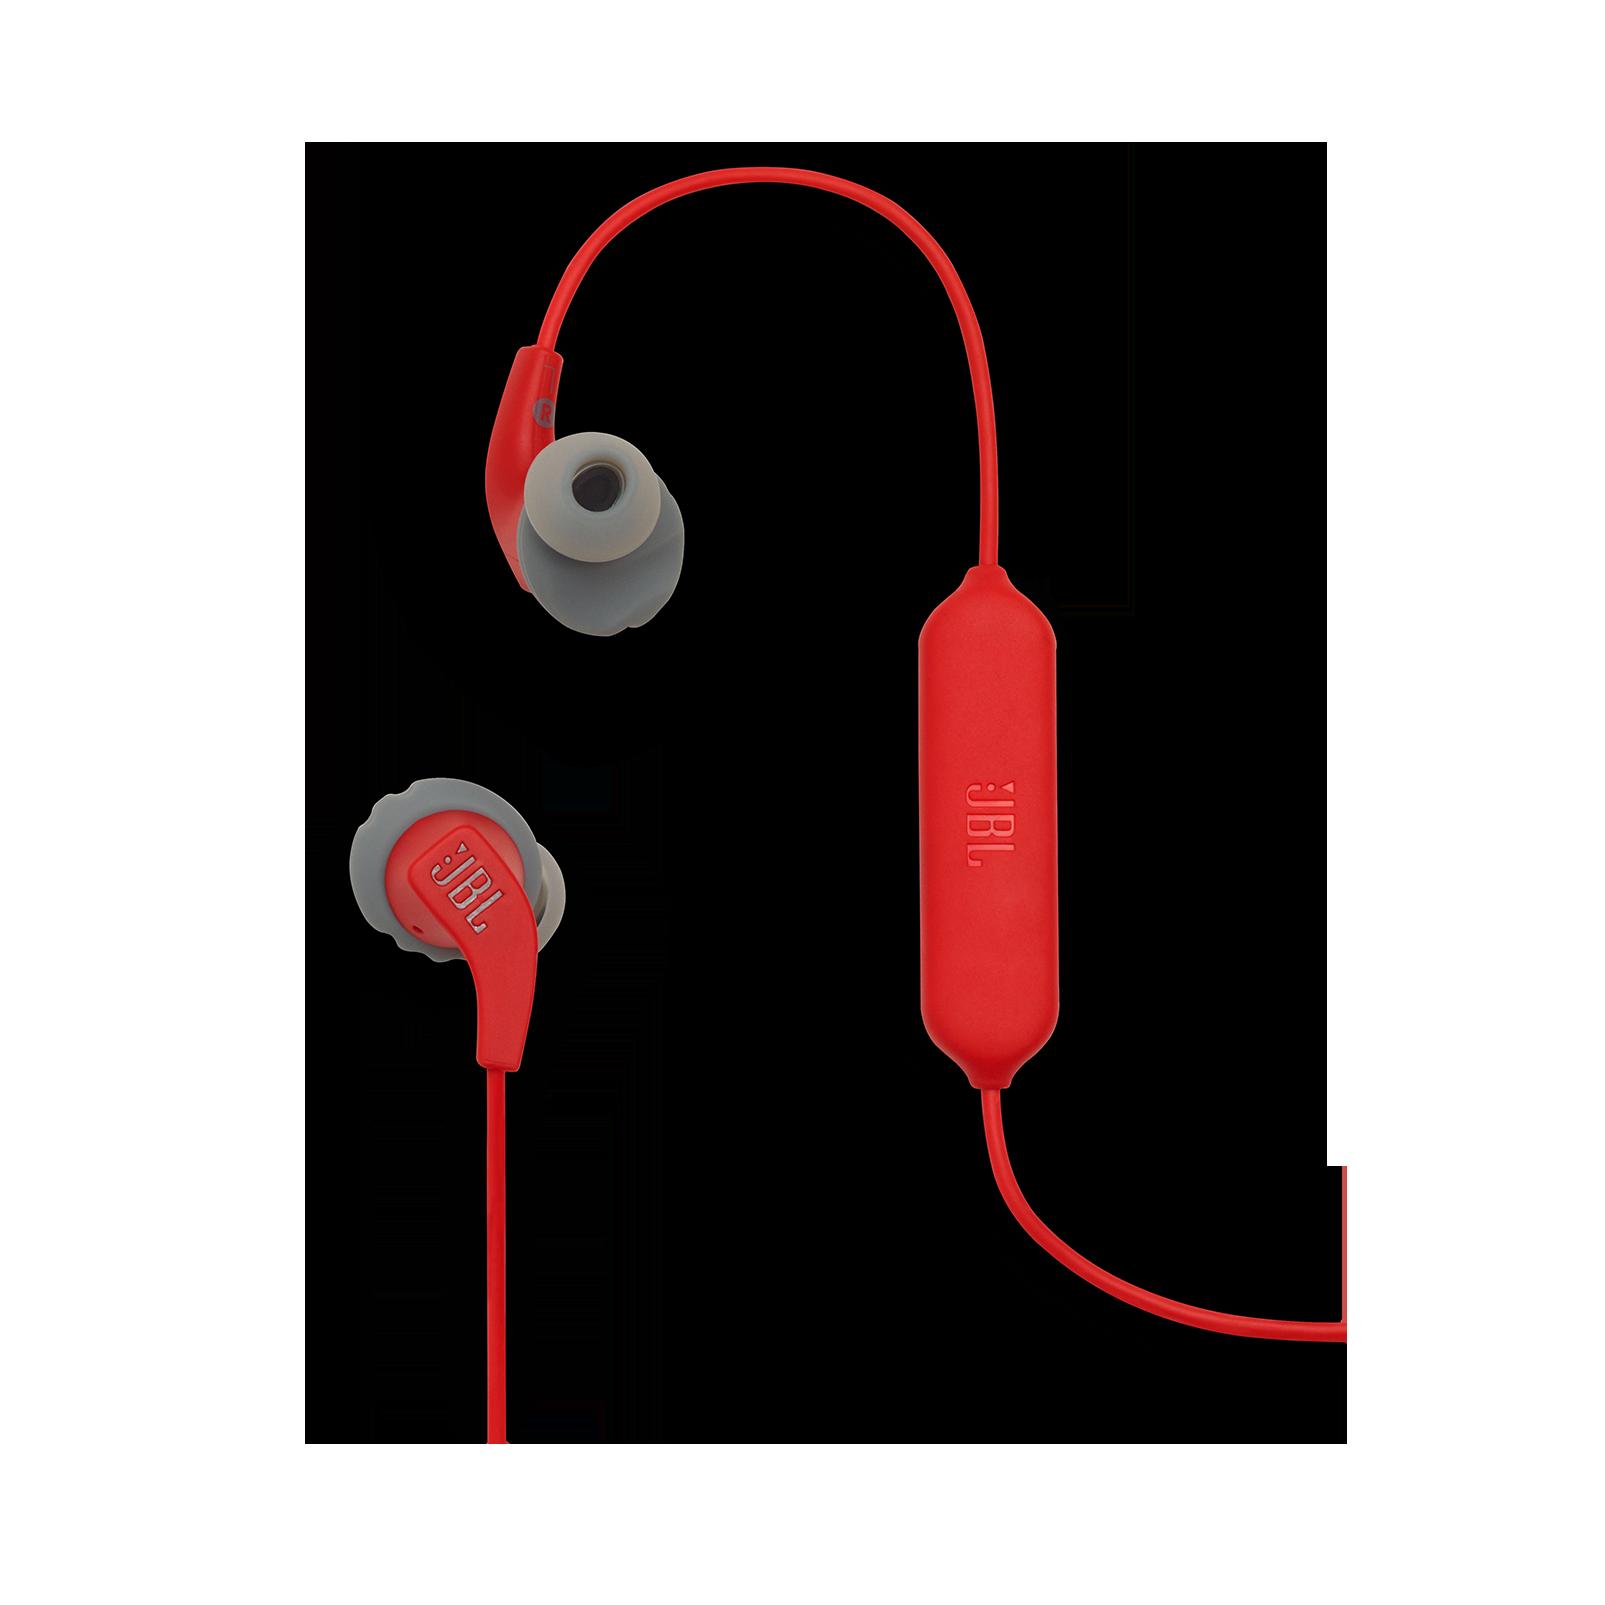 JBL Endurance RUNBT - Red - Sweatproof Wireless In-Ear Sport Headphones - Detailshot 1